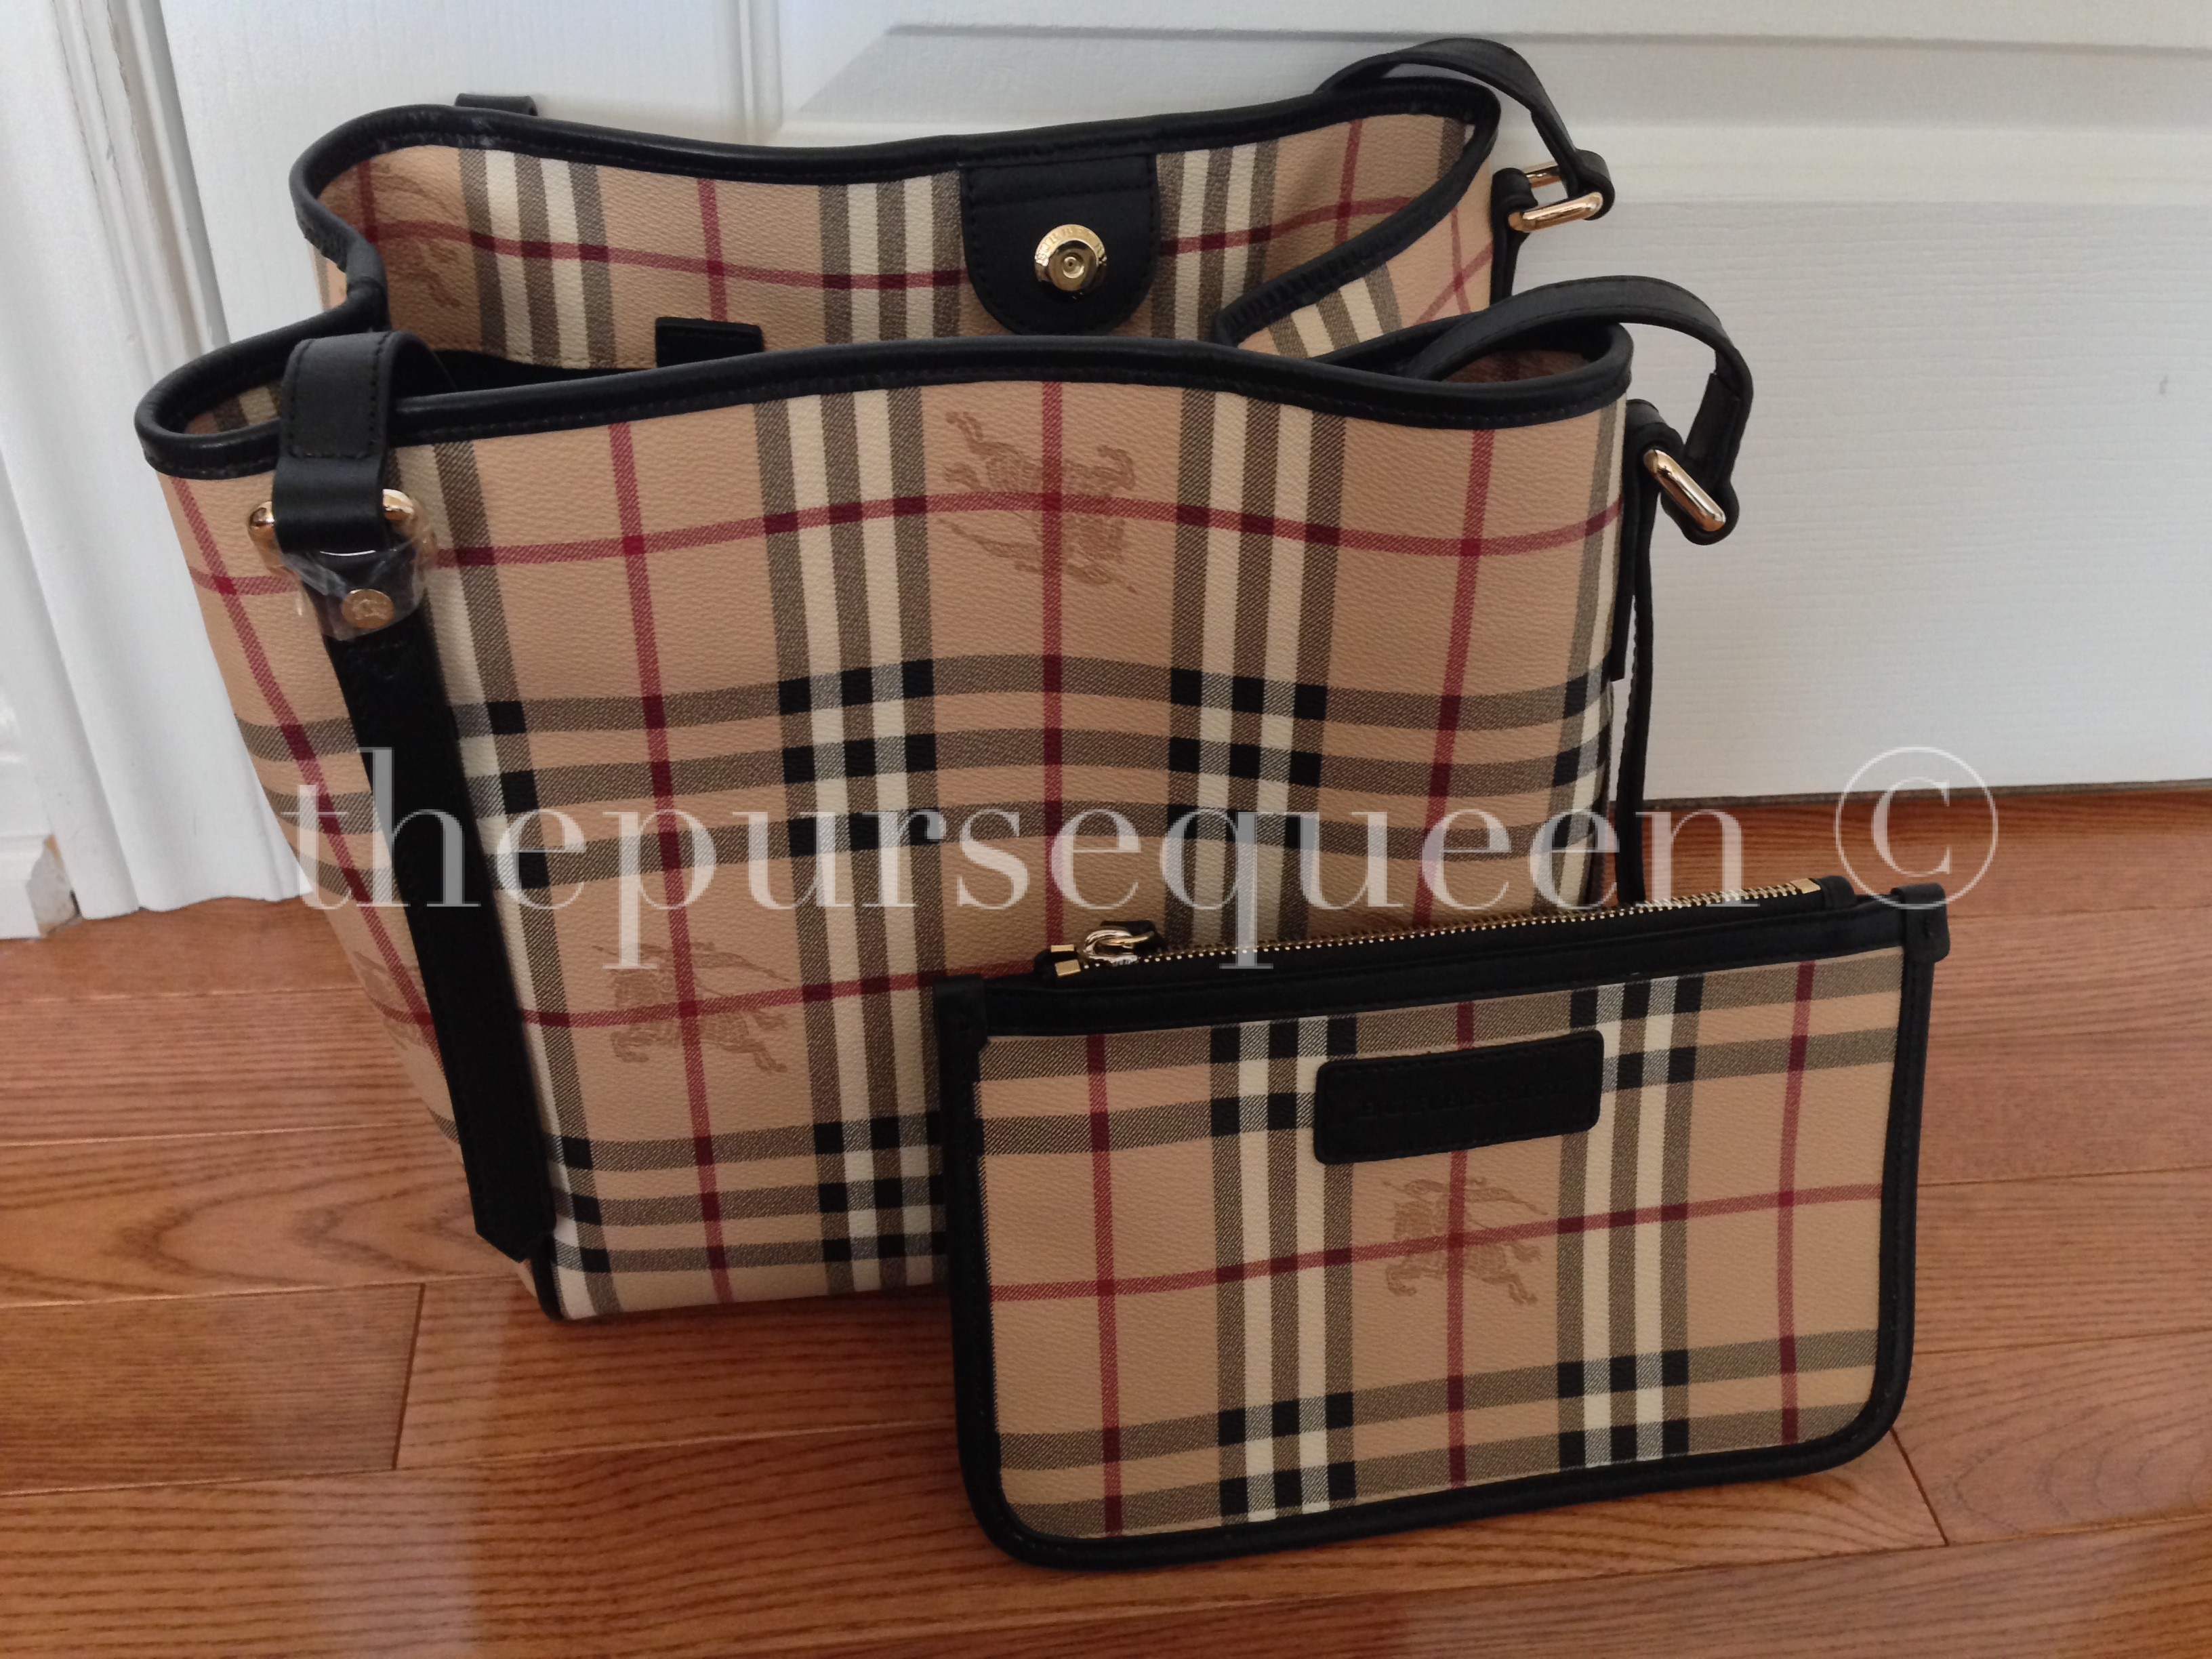 b4e03348d9a3 burberry dustbag logo closeup burberry dustbag burberry handbag and pouch  real vs fake authentic vs replica ...